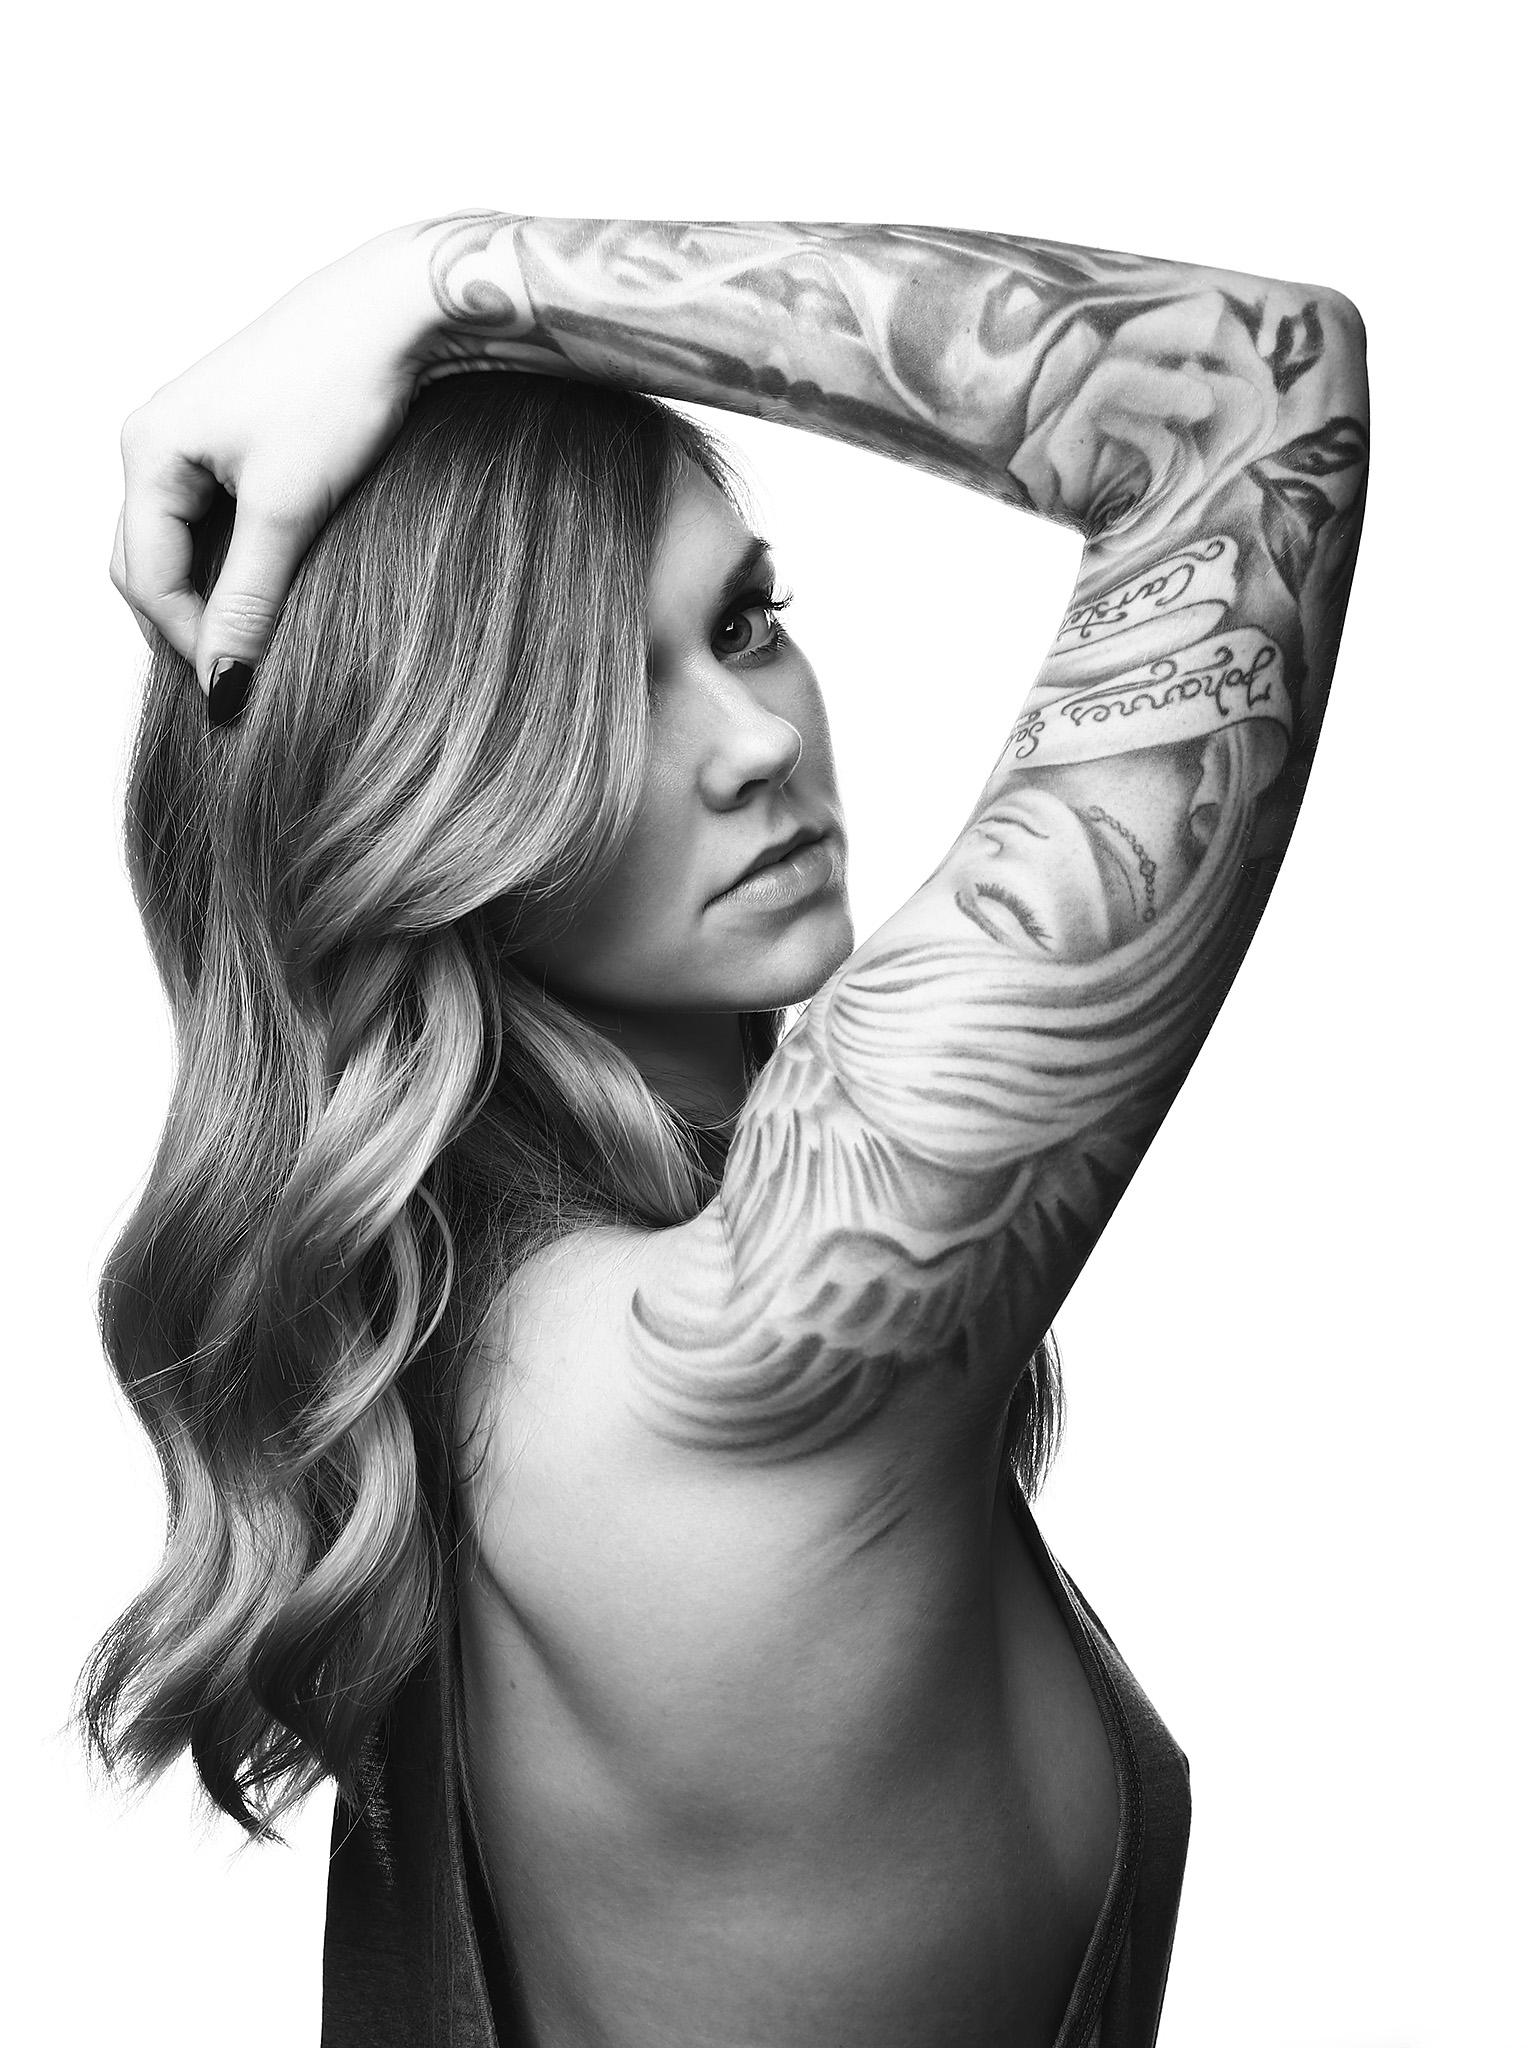 Mädchen Portrait Tattoos nobra sideboob obenohne Haare Frisur Ausstrahlung Fotografie Studio